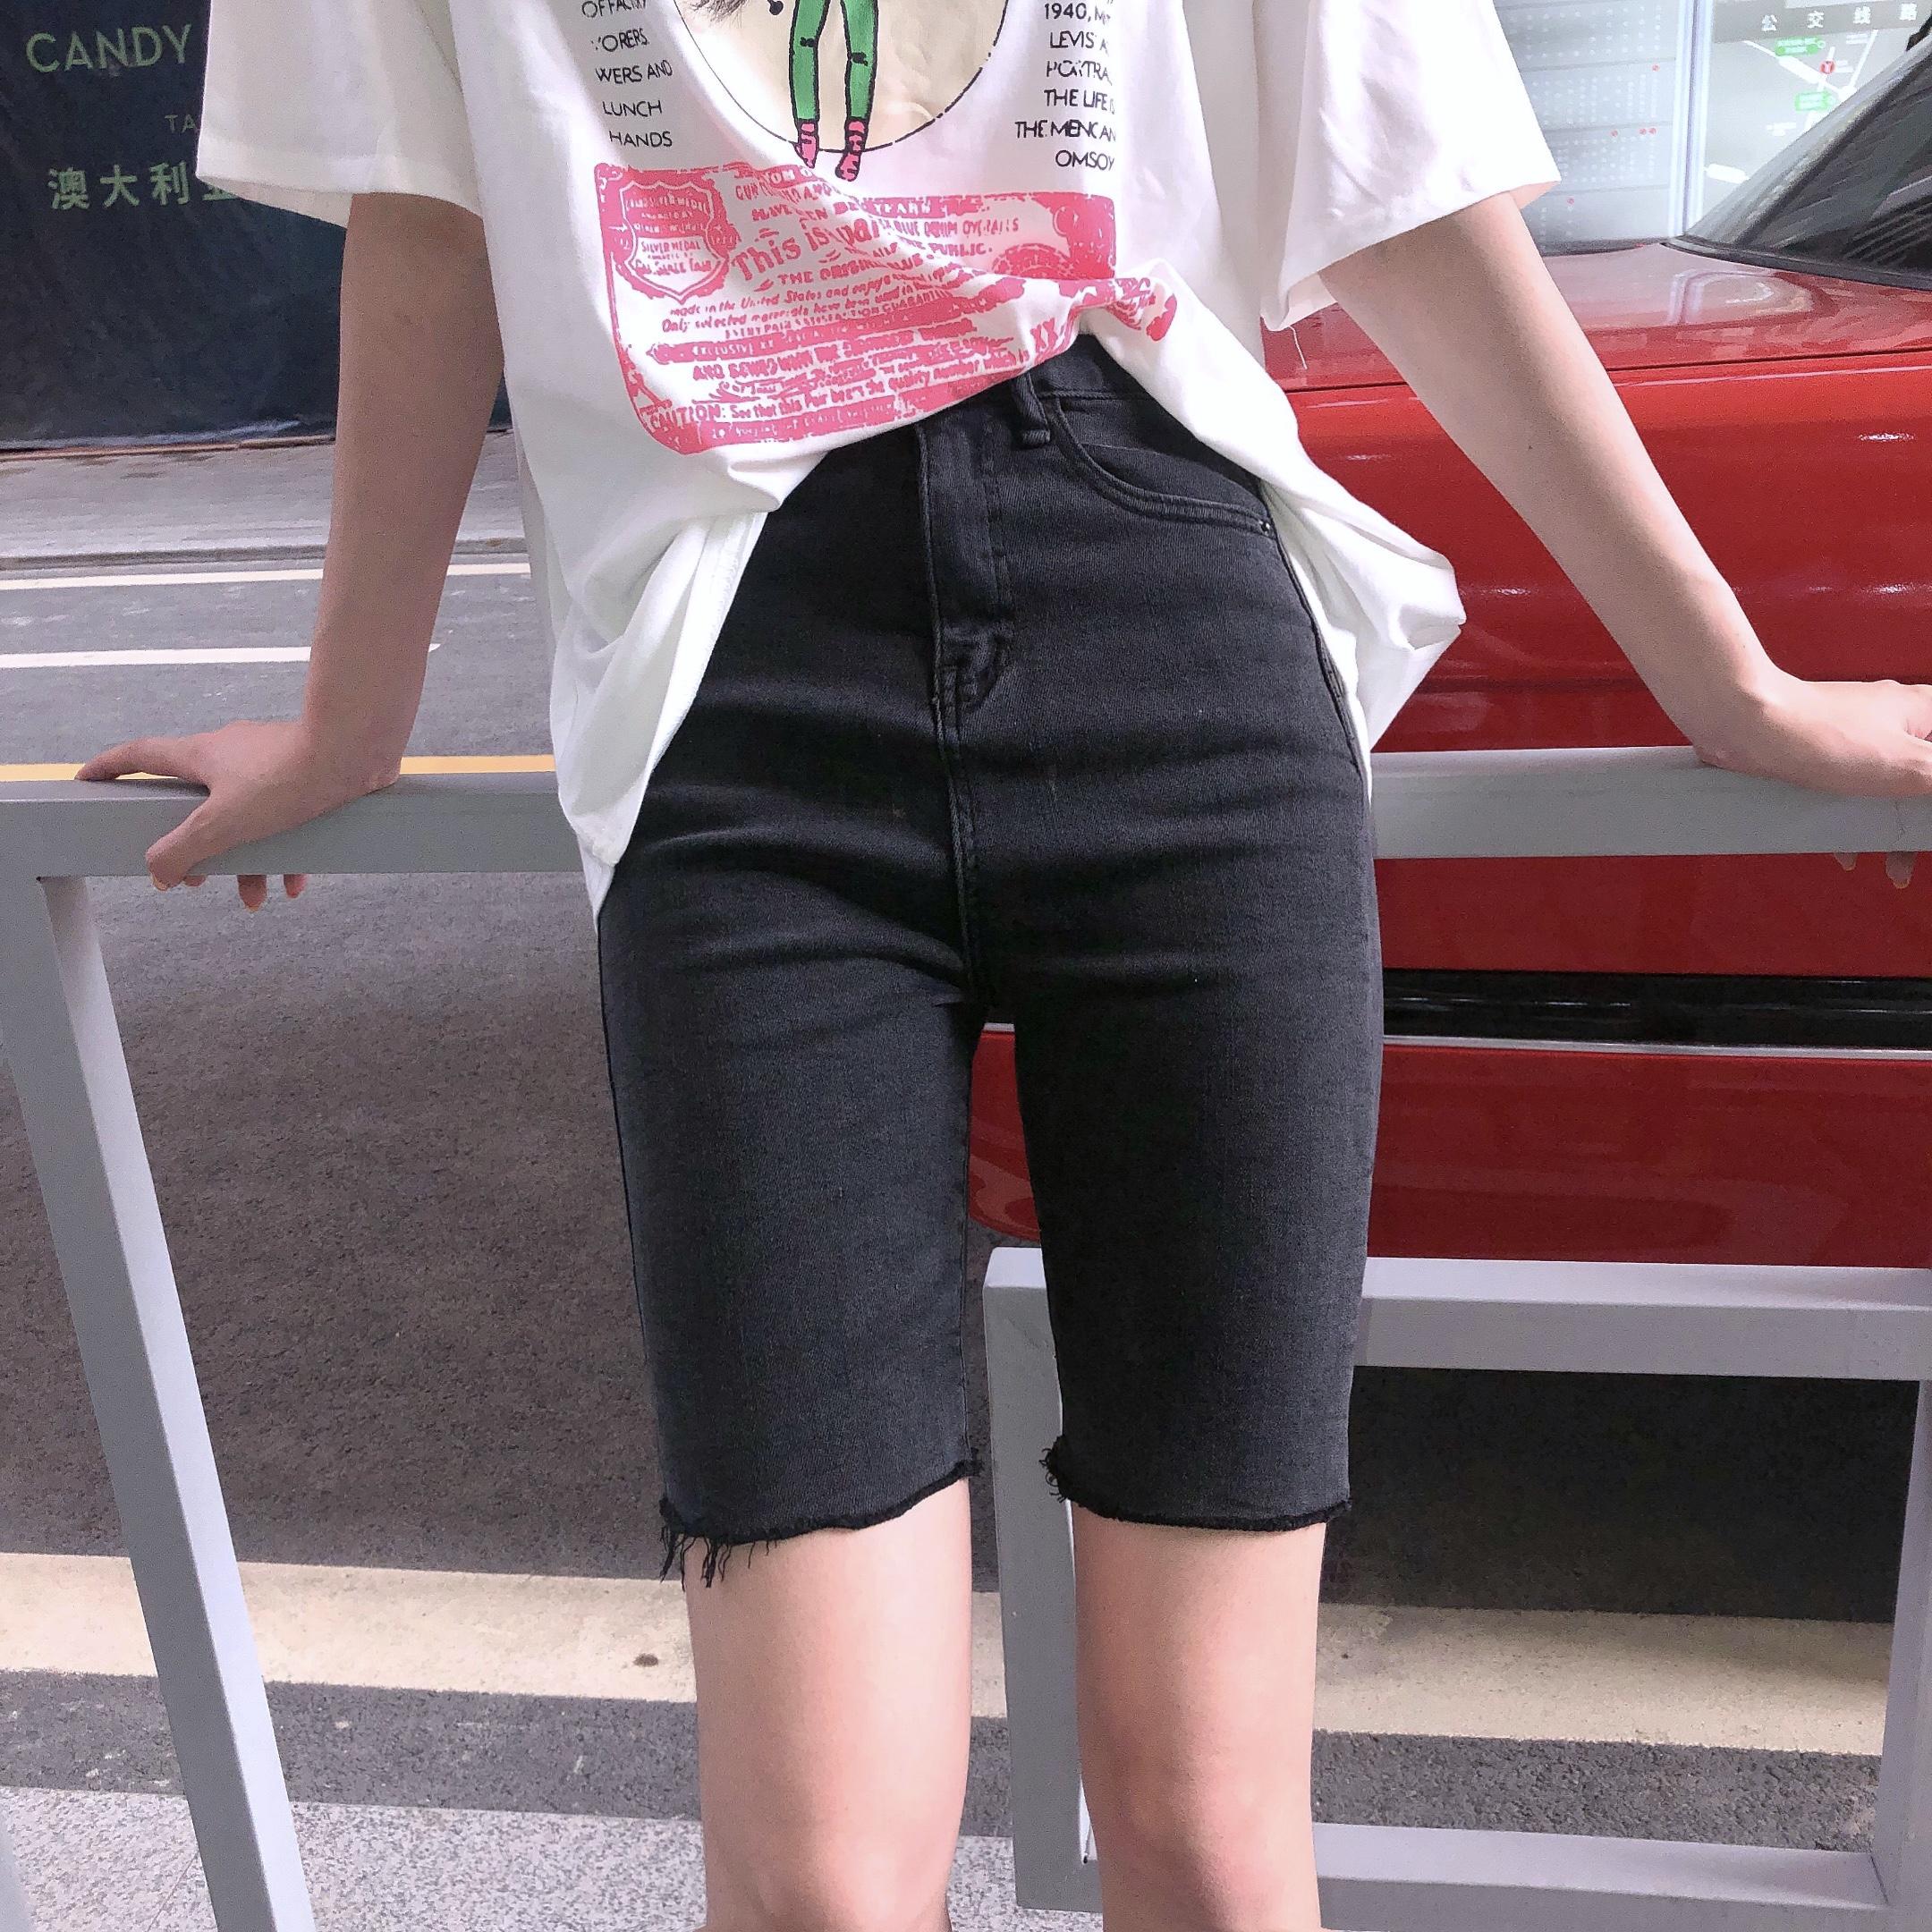 孕妇裤子夏季薄款时尚外穿宽松短裤牛仔破洞中裤毛边潮骑行五分裤